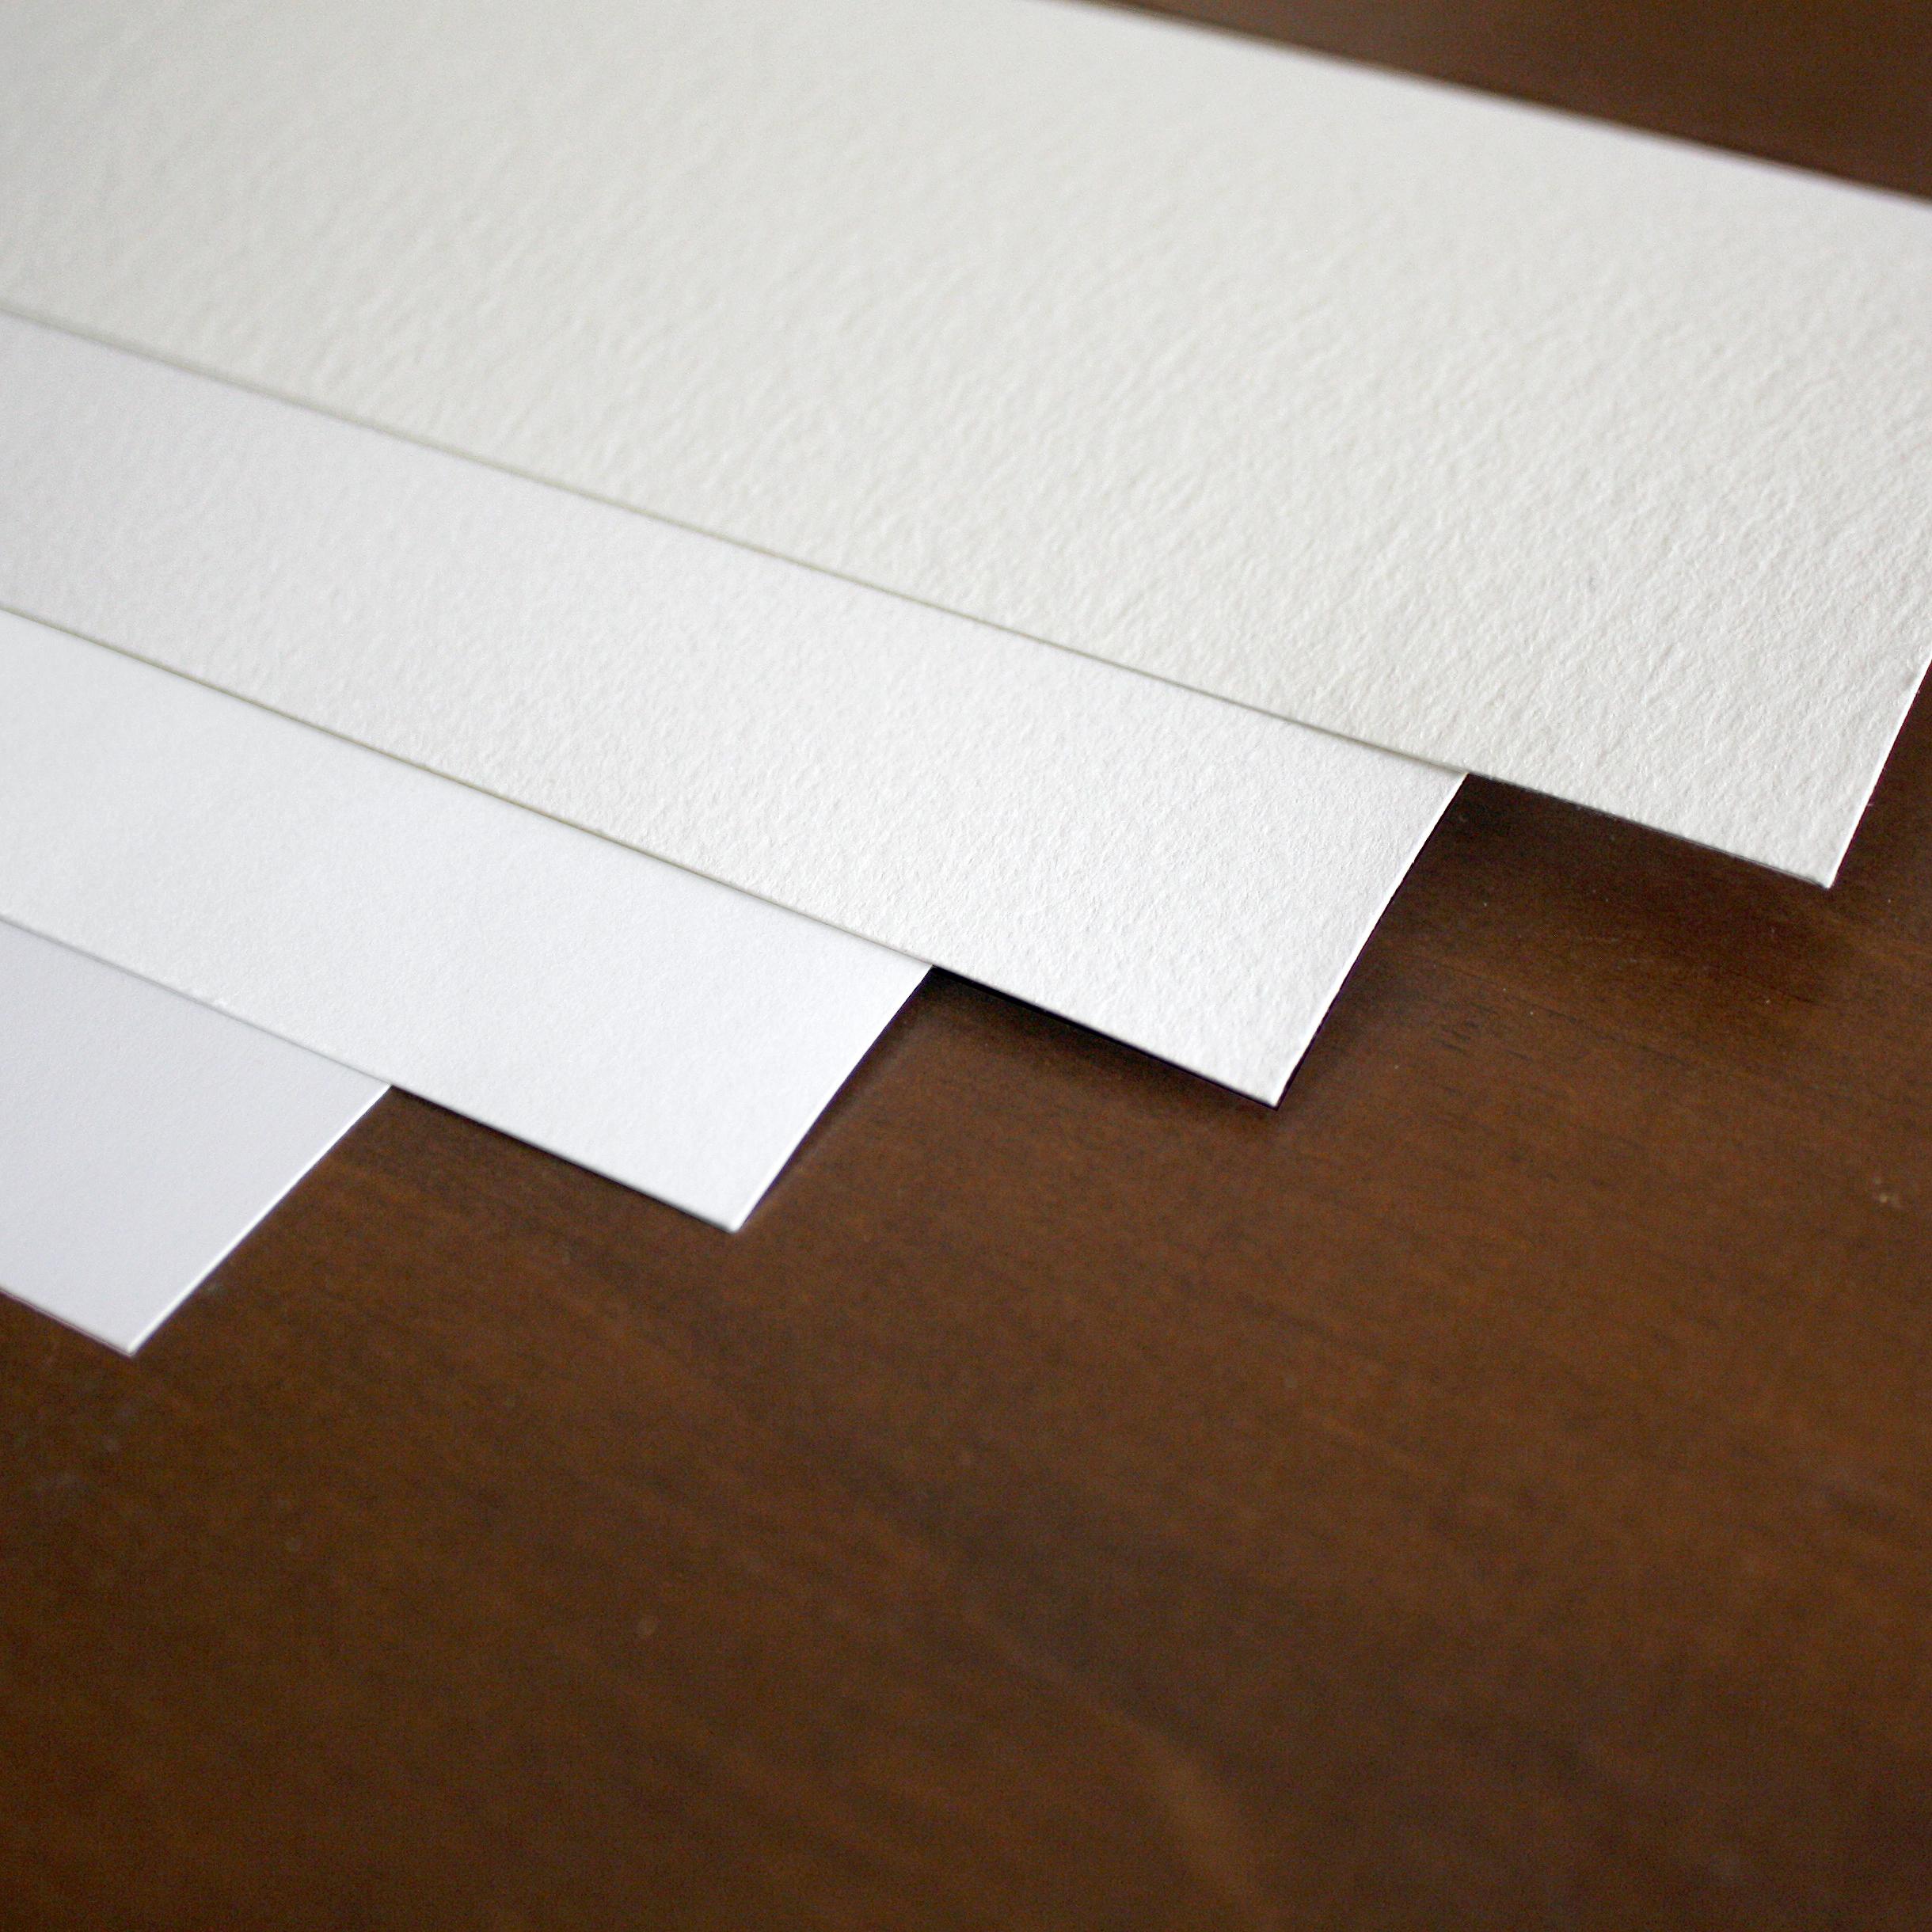 PaperSamples_2.jpg